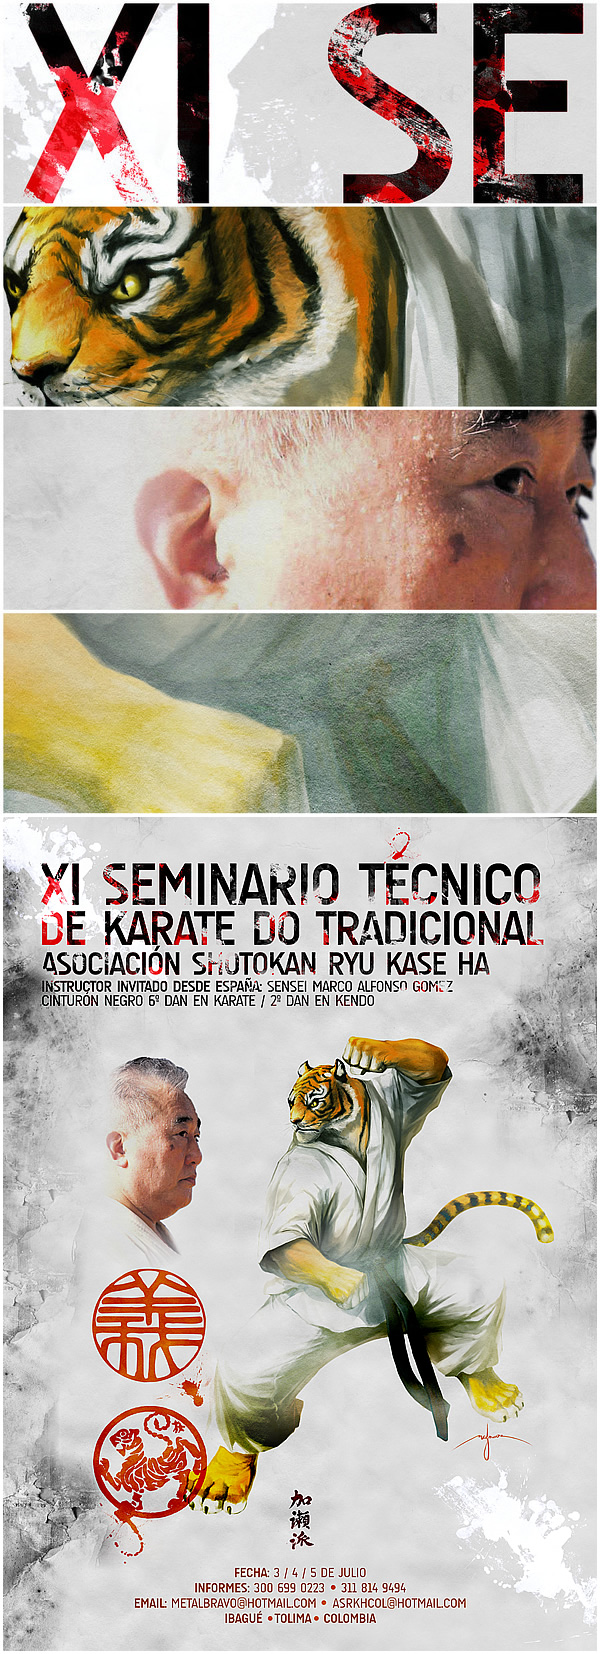 Shotokan Ryu Kase Ha by xnoleet